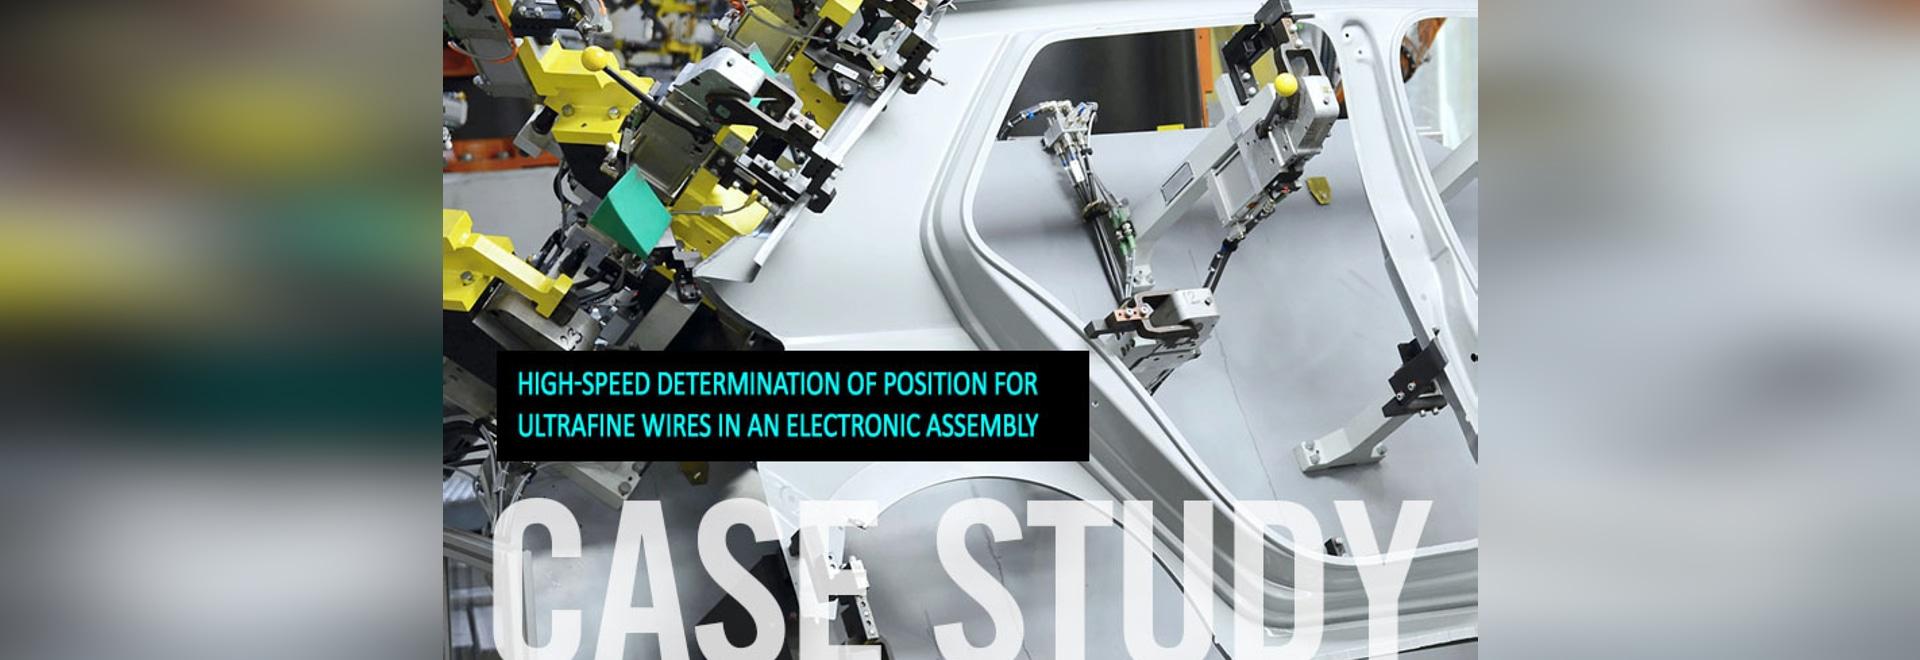 Estudio de caso: Determinación de la posición para los alambres ultrafinos - dünner Drähte del sehr de Positionsbestimmung